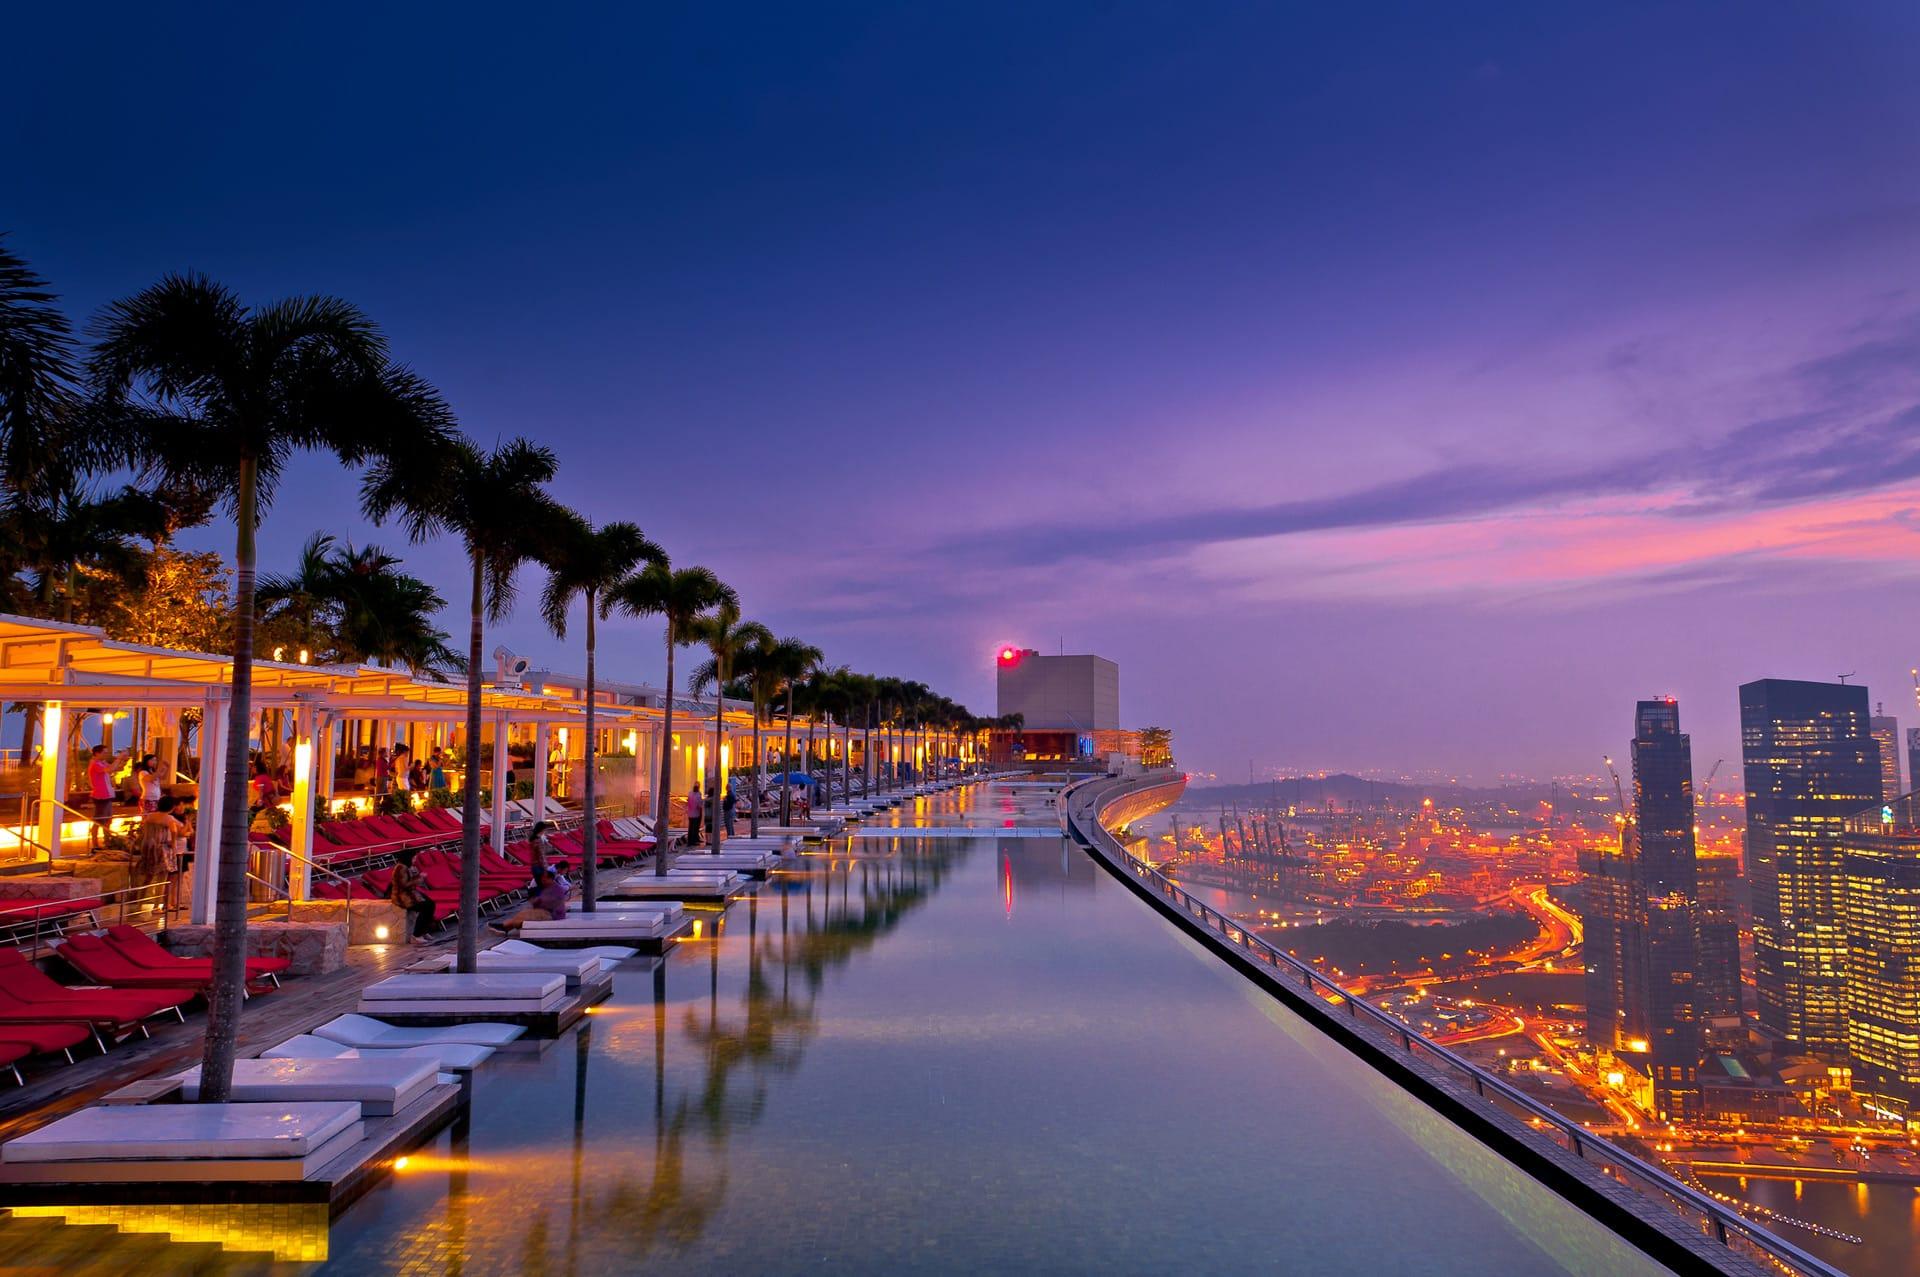 ScottAWoodward_LuxuryLifestyle(Hotels+Resorts)_025